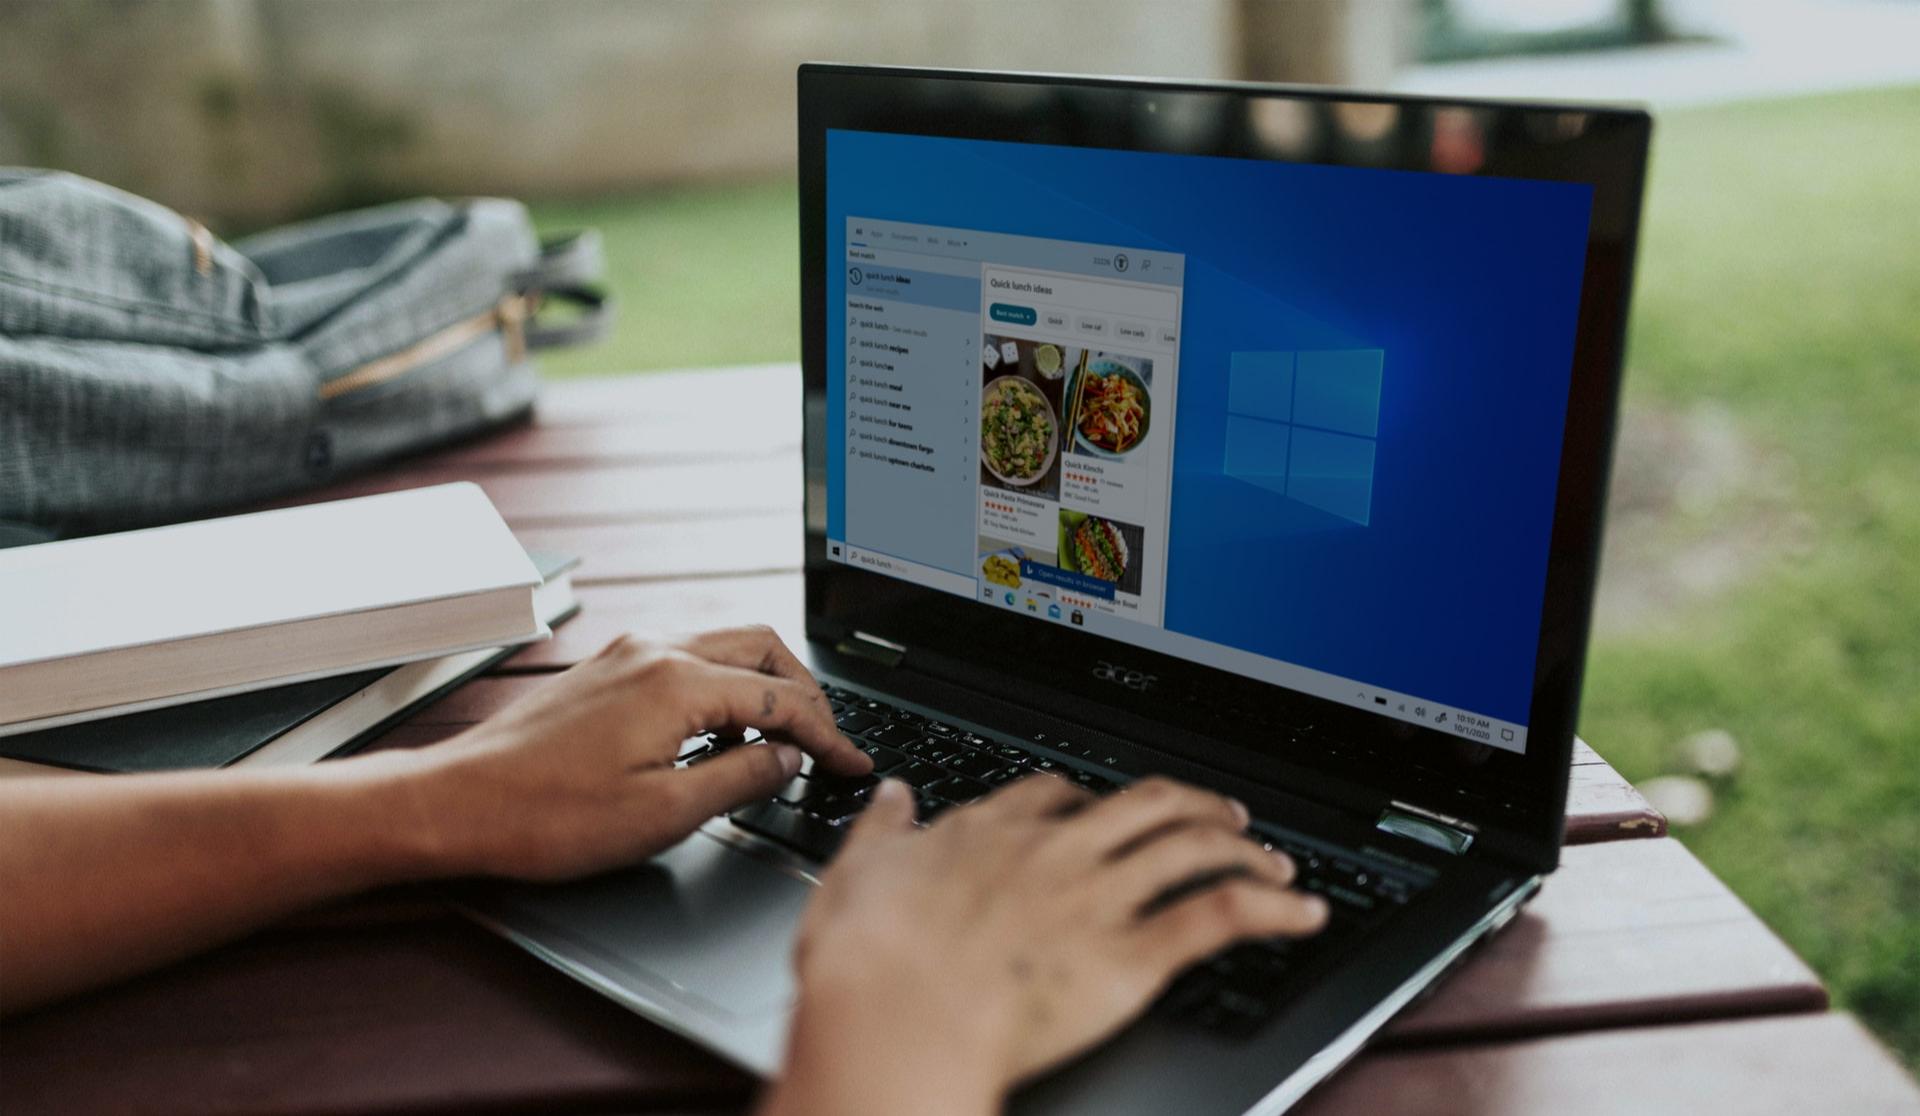 Уже с августа: Windows 10 блокирует торренты и софт для майнинга - Фото 1